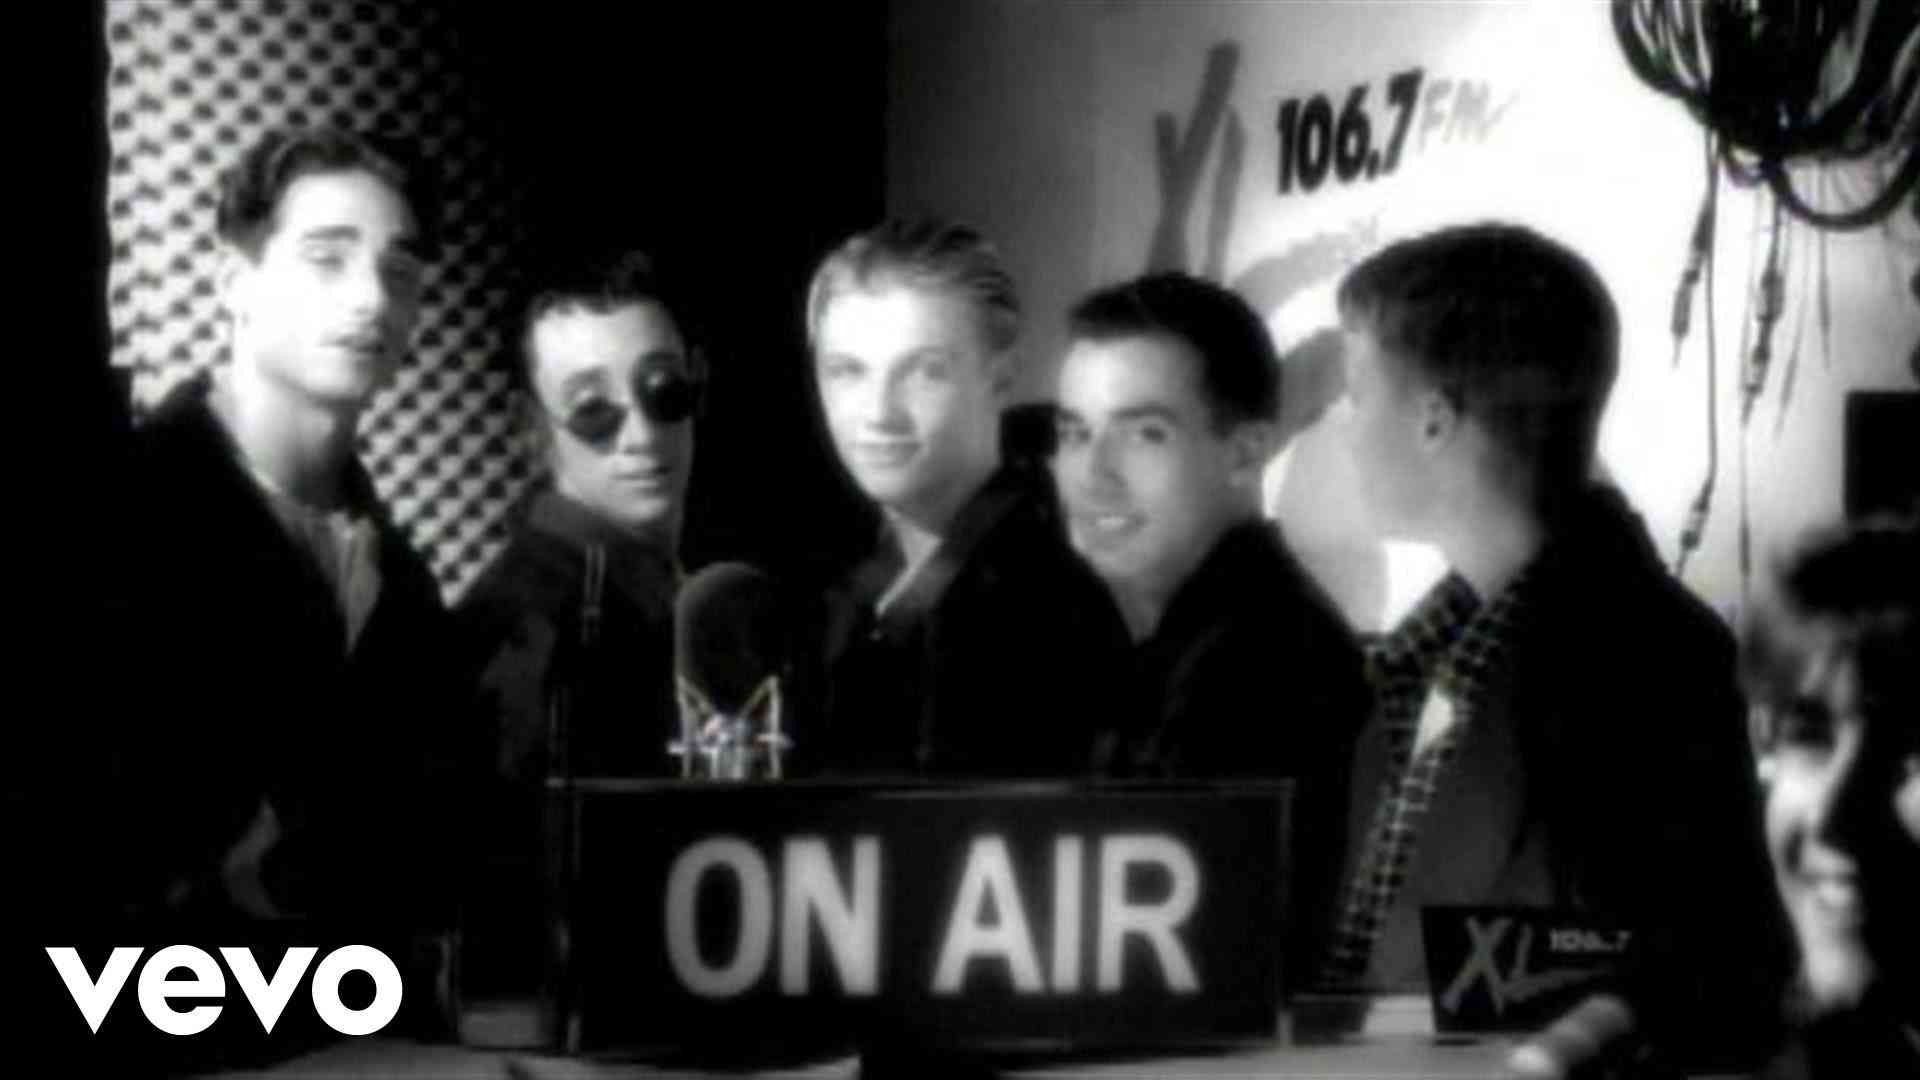 Backstreet Boys - We've Got It Goin' On - YouTube